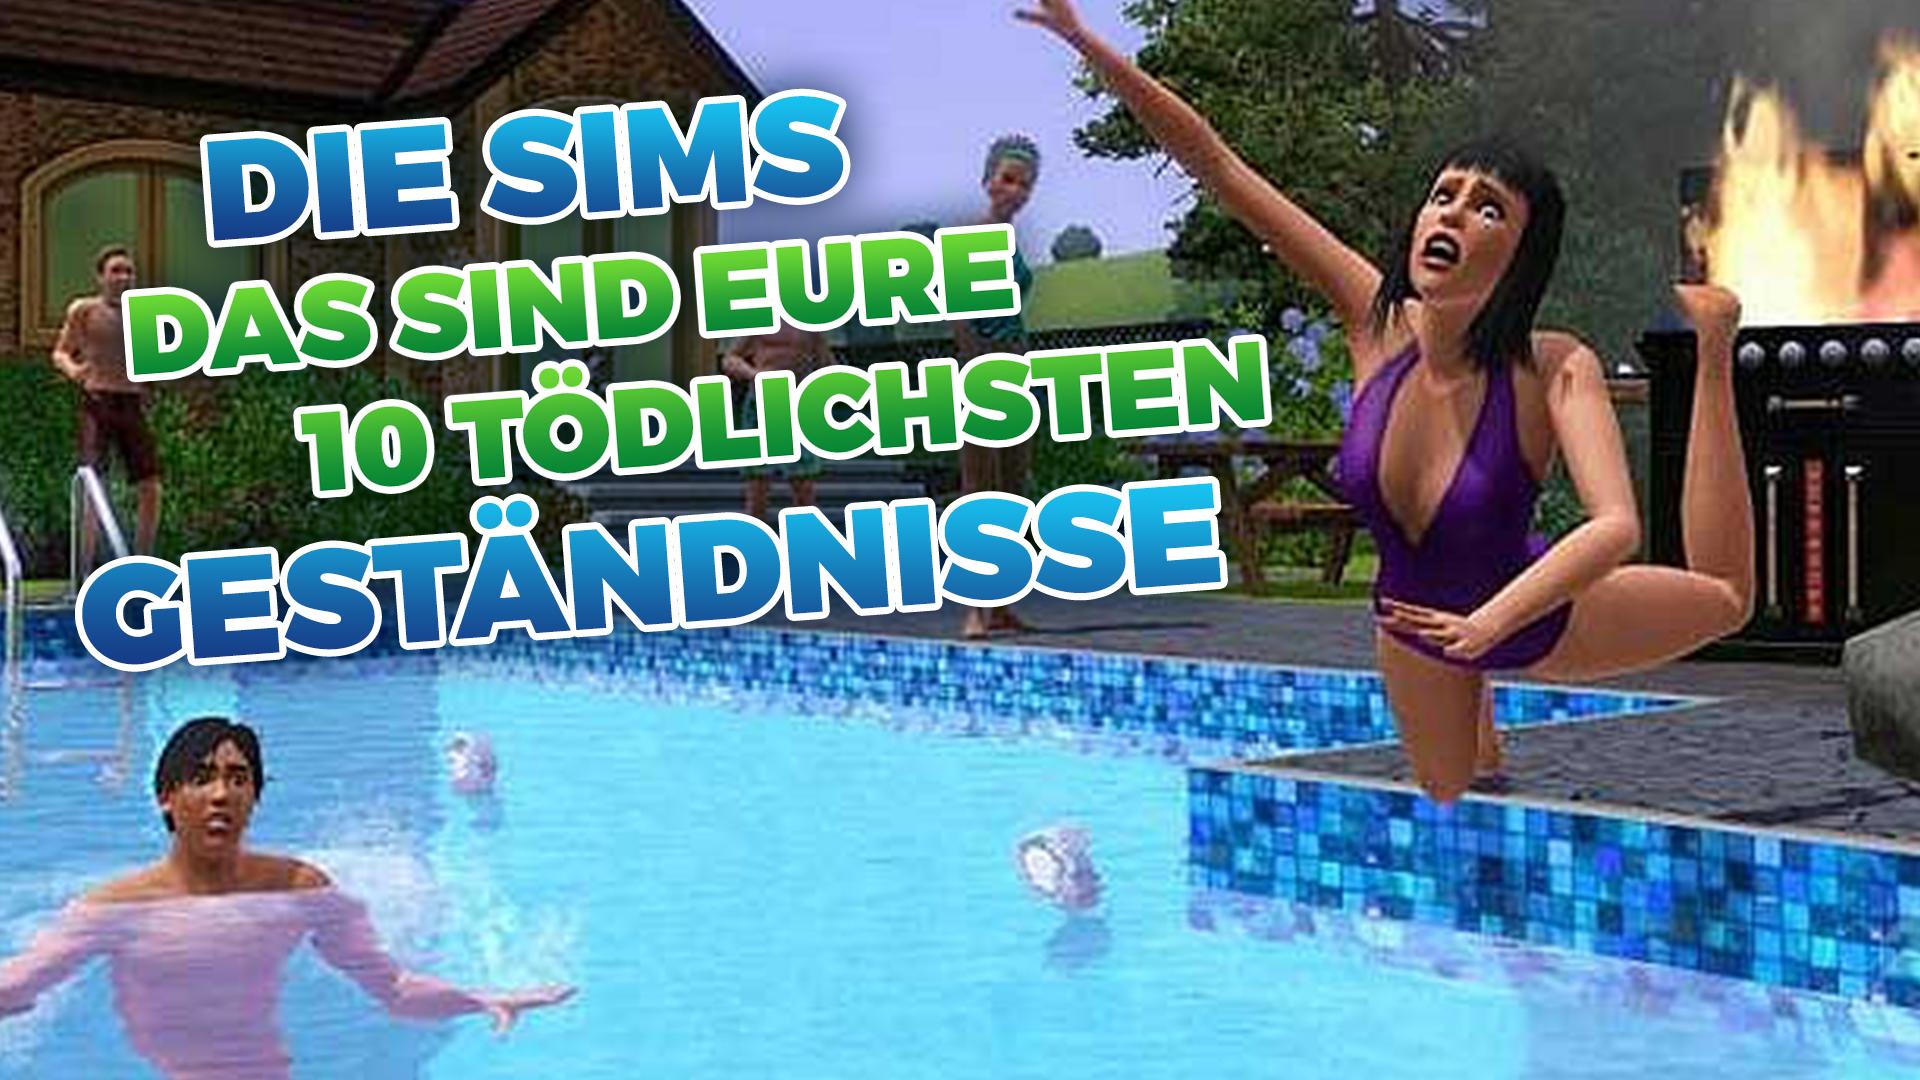 Die Sims Das Sind Eure 10 Tödlichsten Geständnisse